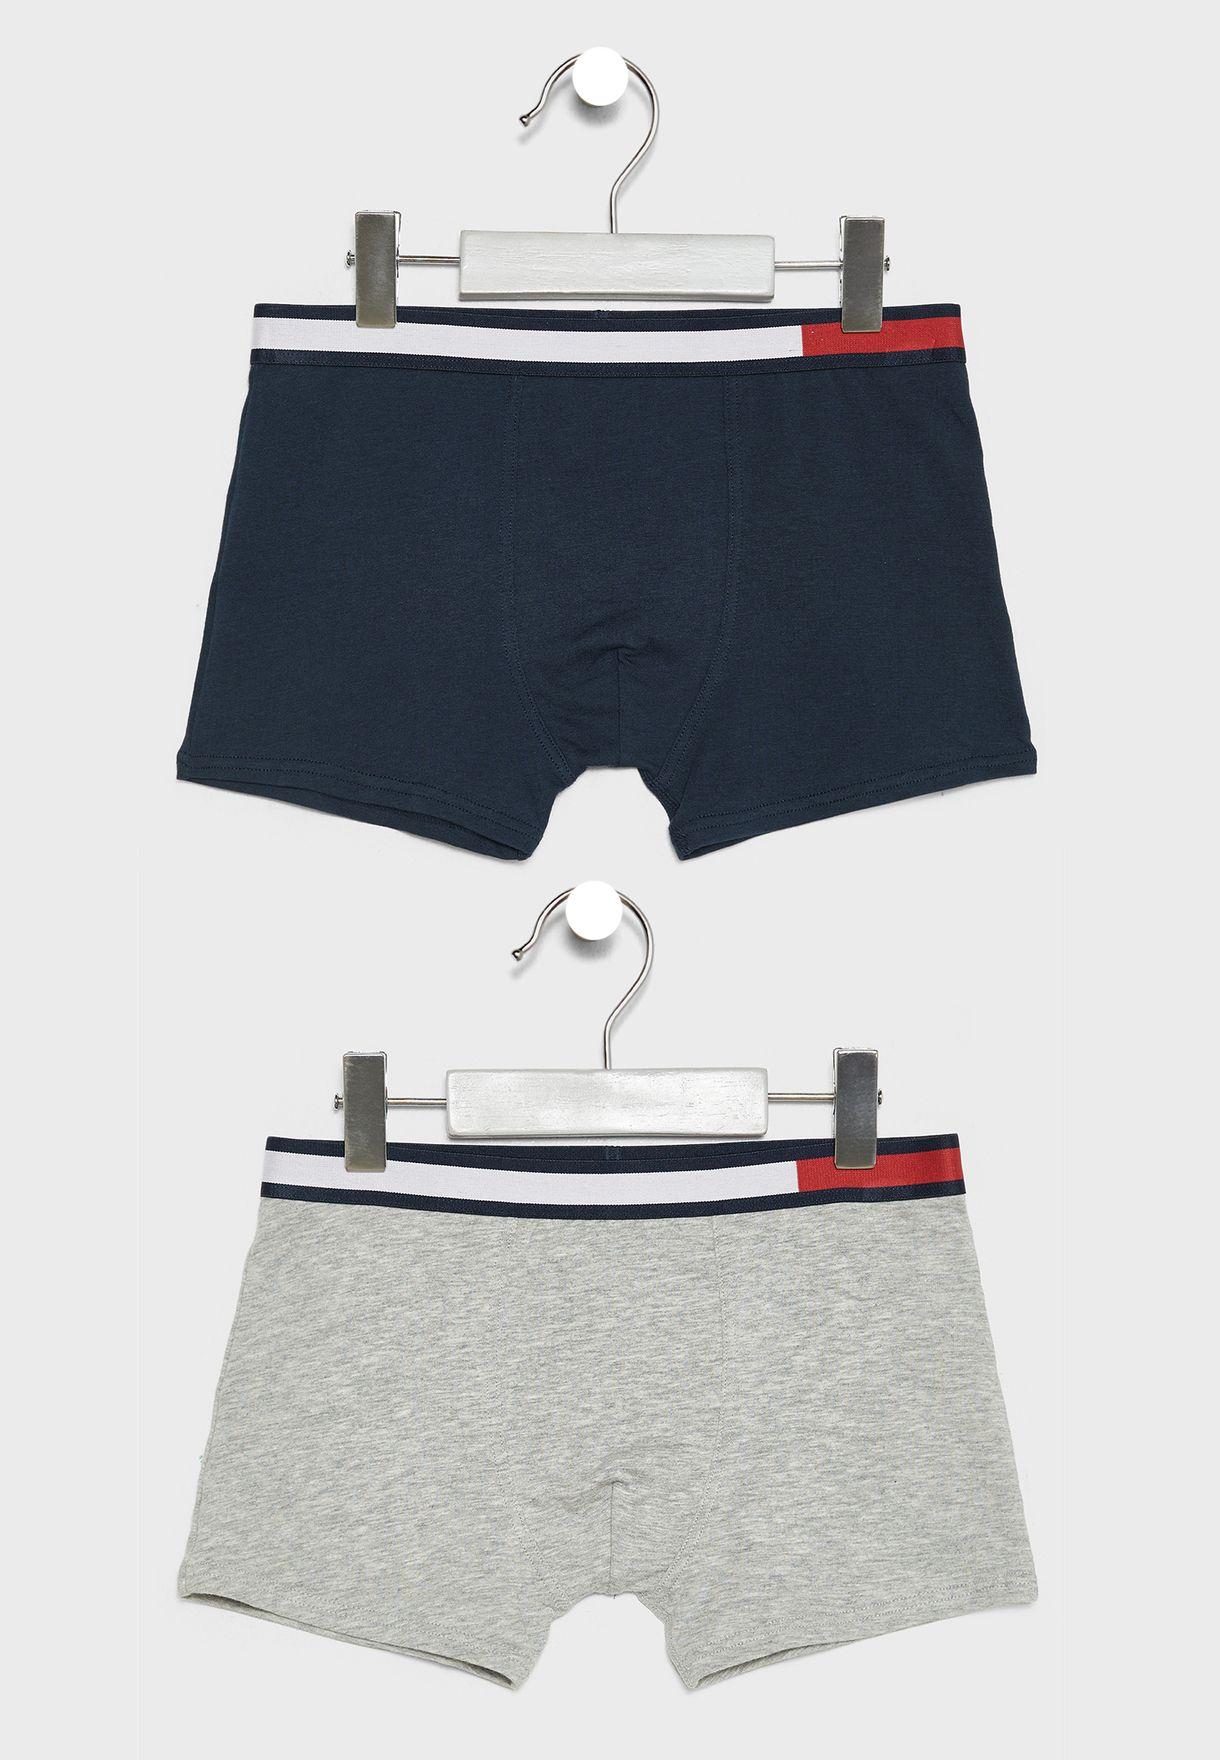 TOMMY HILFIGER Girls/' Underwear 8-10 Years 2-pack Boy Style Shorts